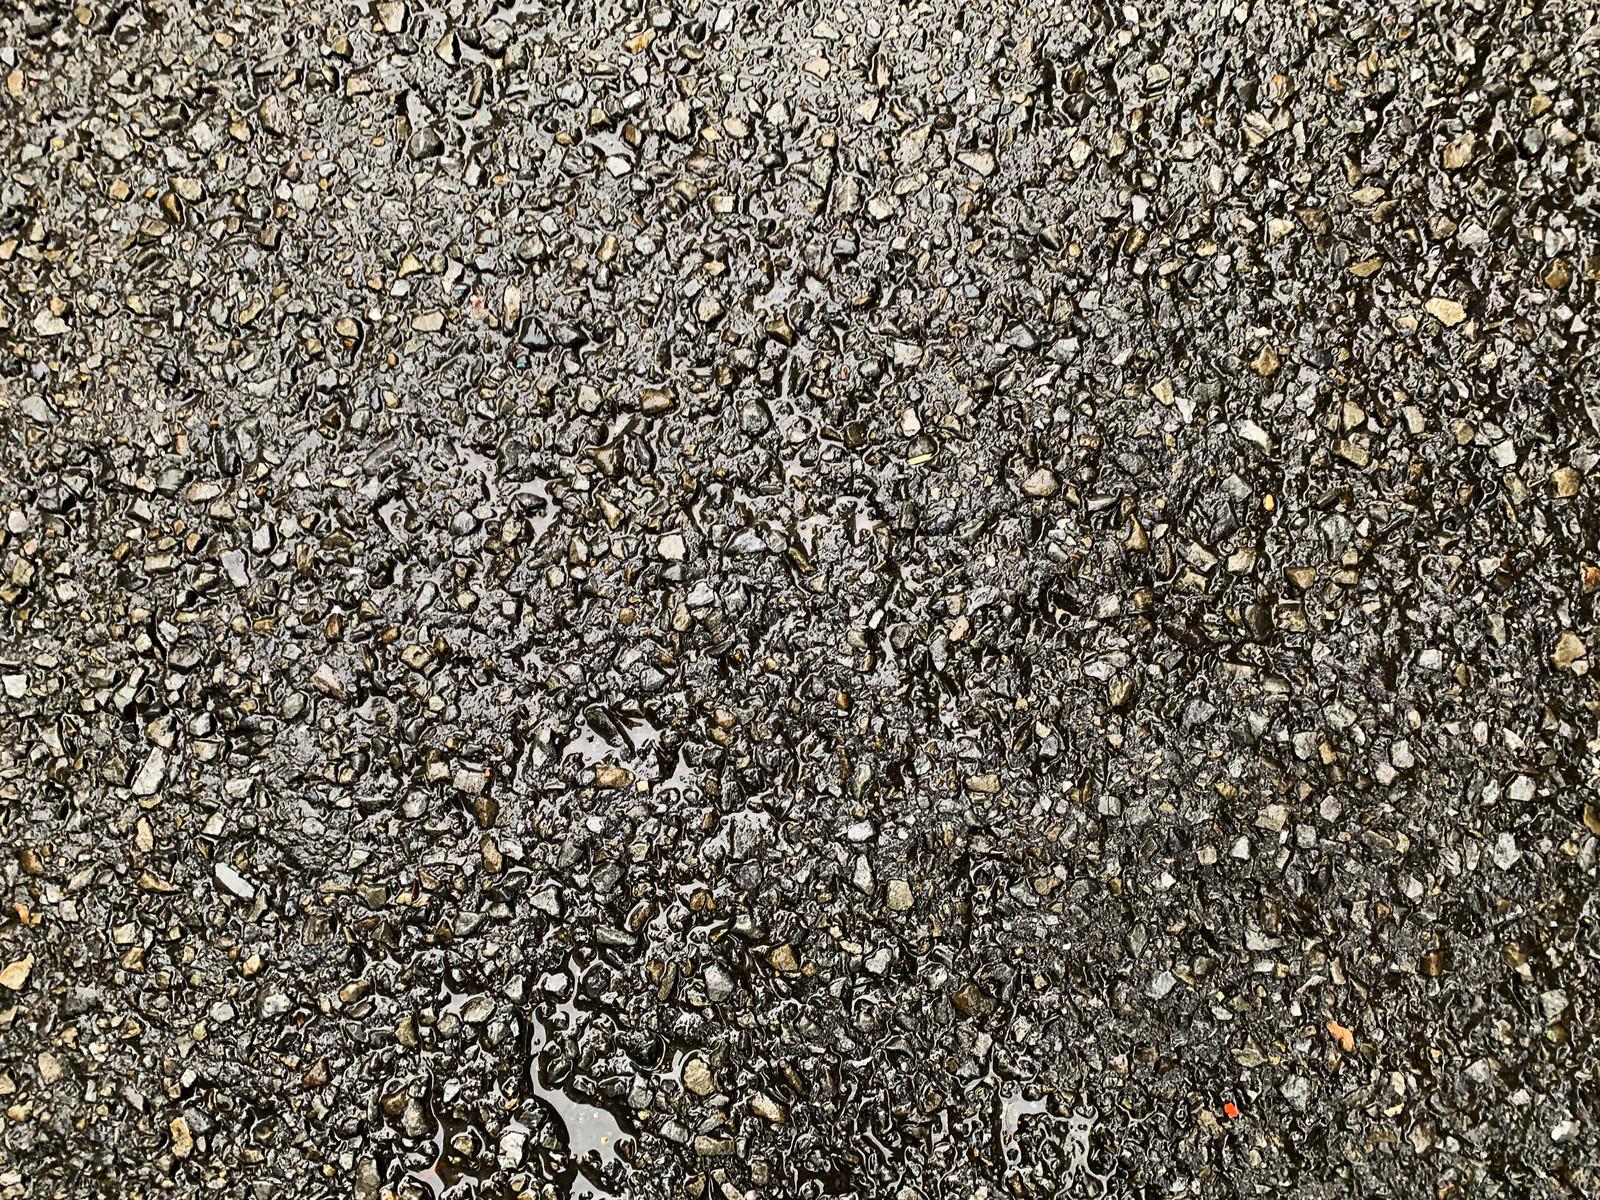 「雨に濡れたアスファルトの路面(テクスチャ)」の写真